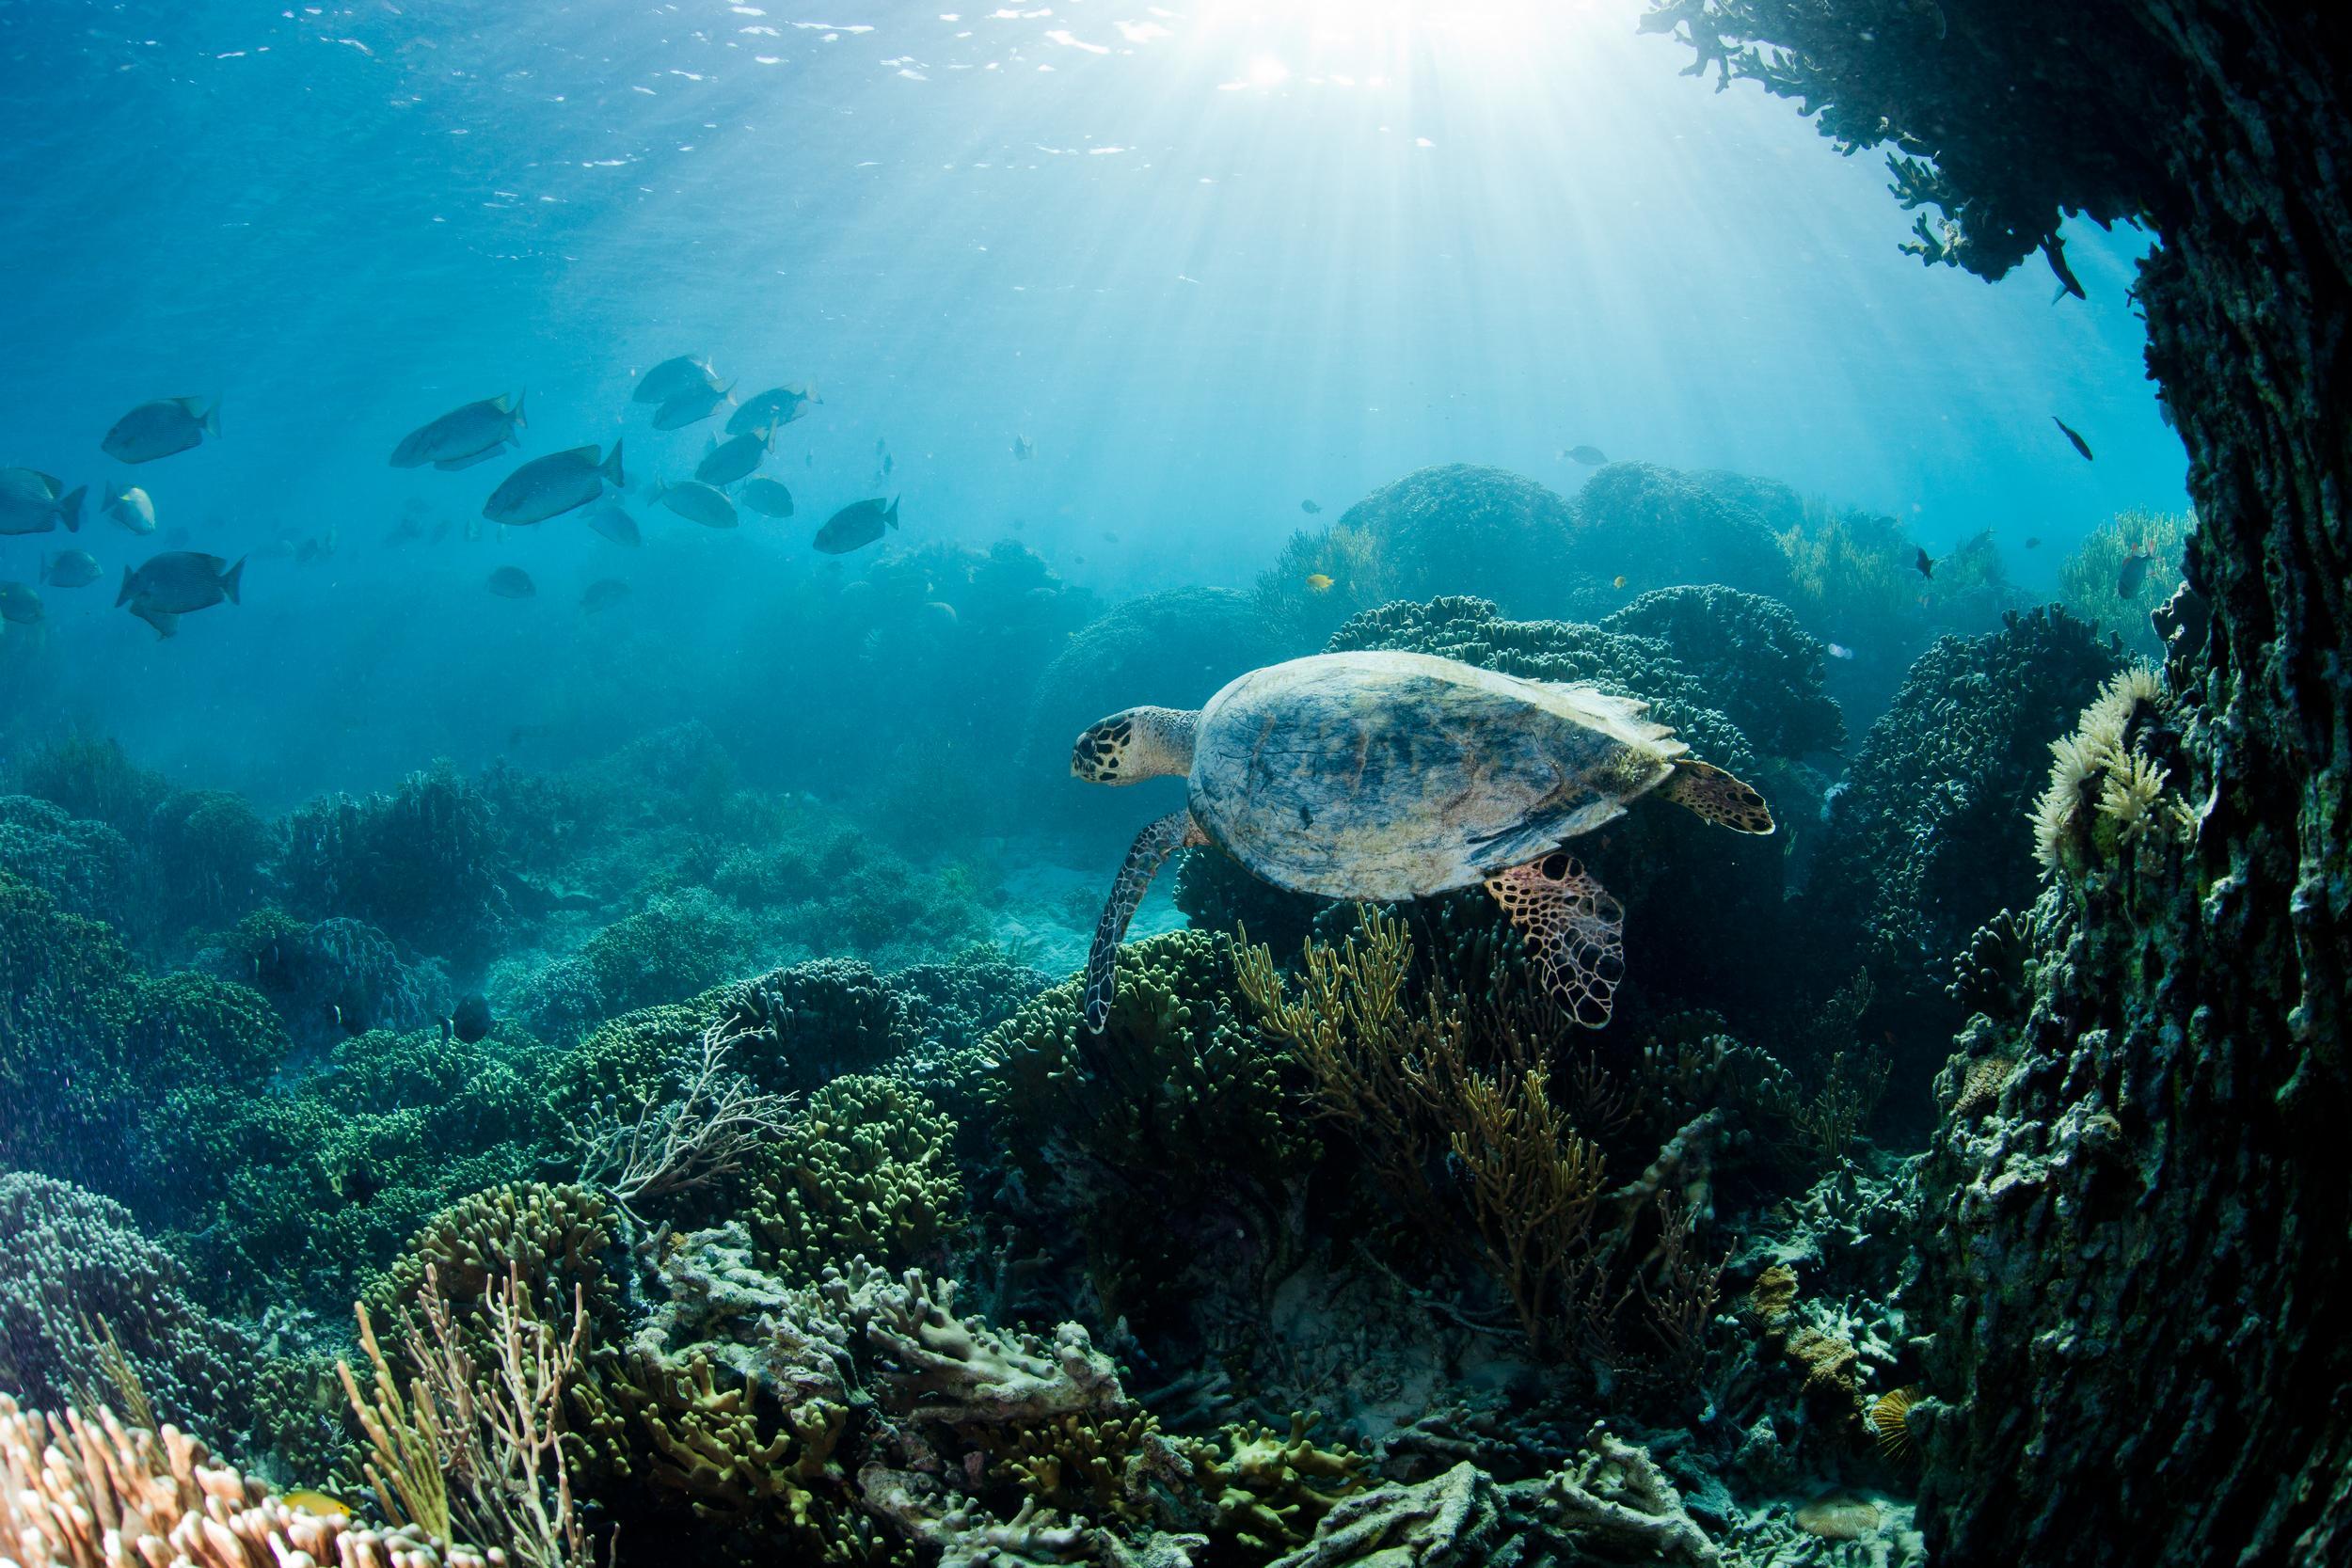 廣袤無垠的蔚藍大海,蘊含豐富的的資源,全球超過 30 億人的生計及沿海社區全都仰仗海洋,守護海洋同時,也是守護人類的生機。© Paul Hilton / Greenpeace